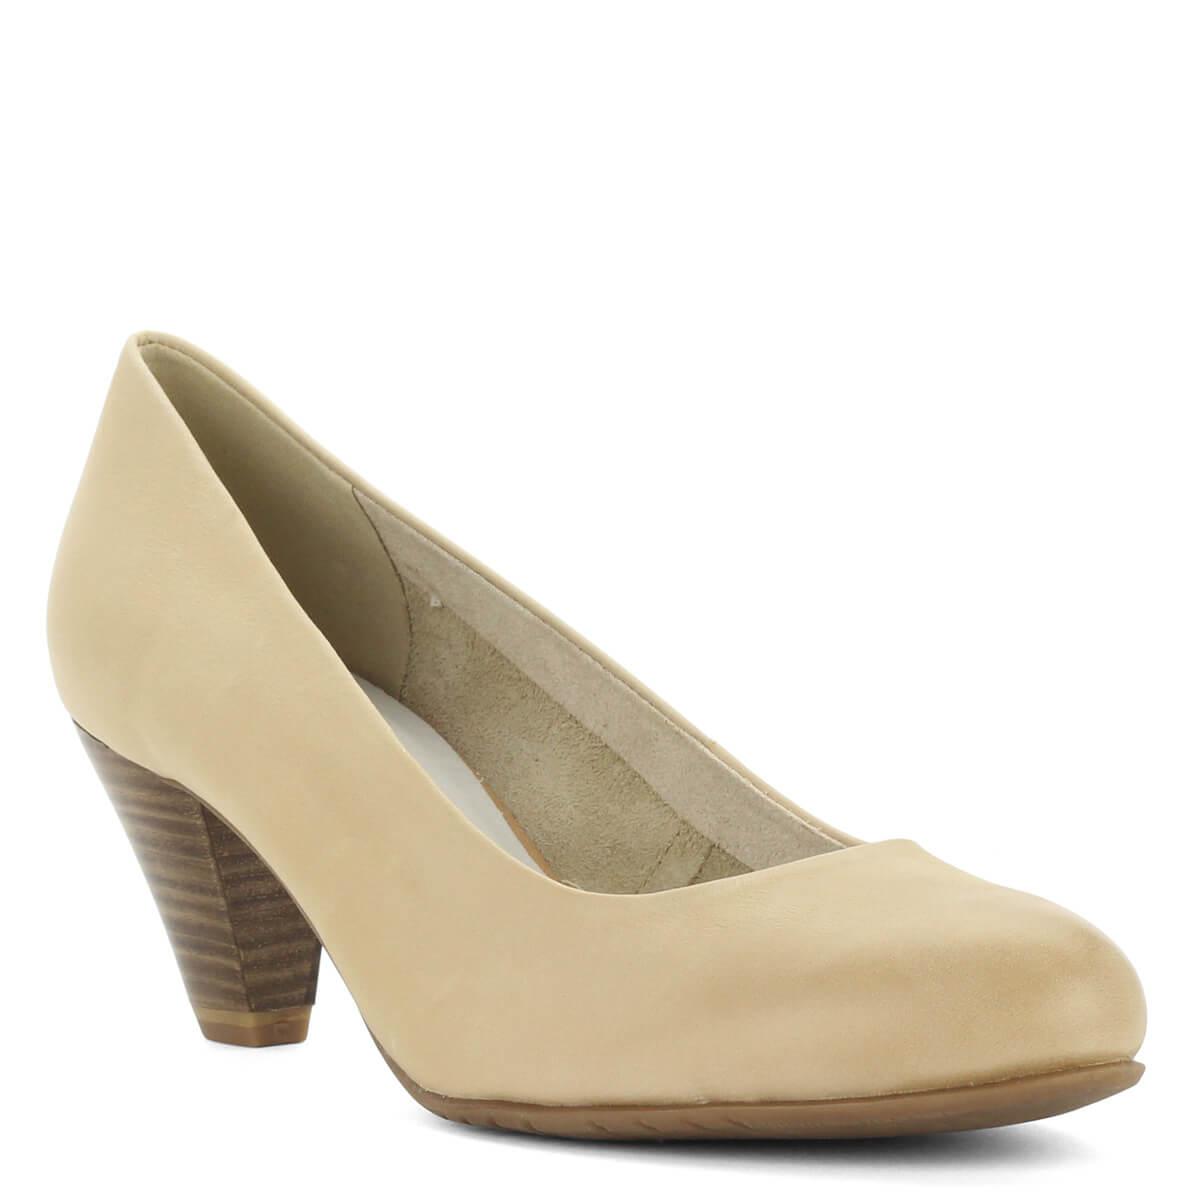 Márka  Tamaris Szín  Bézs Modellszám  1-22400-28 251 A márkáról  A Tamaris  Európa legismertebb női cipő ... d9e195be9b